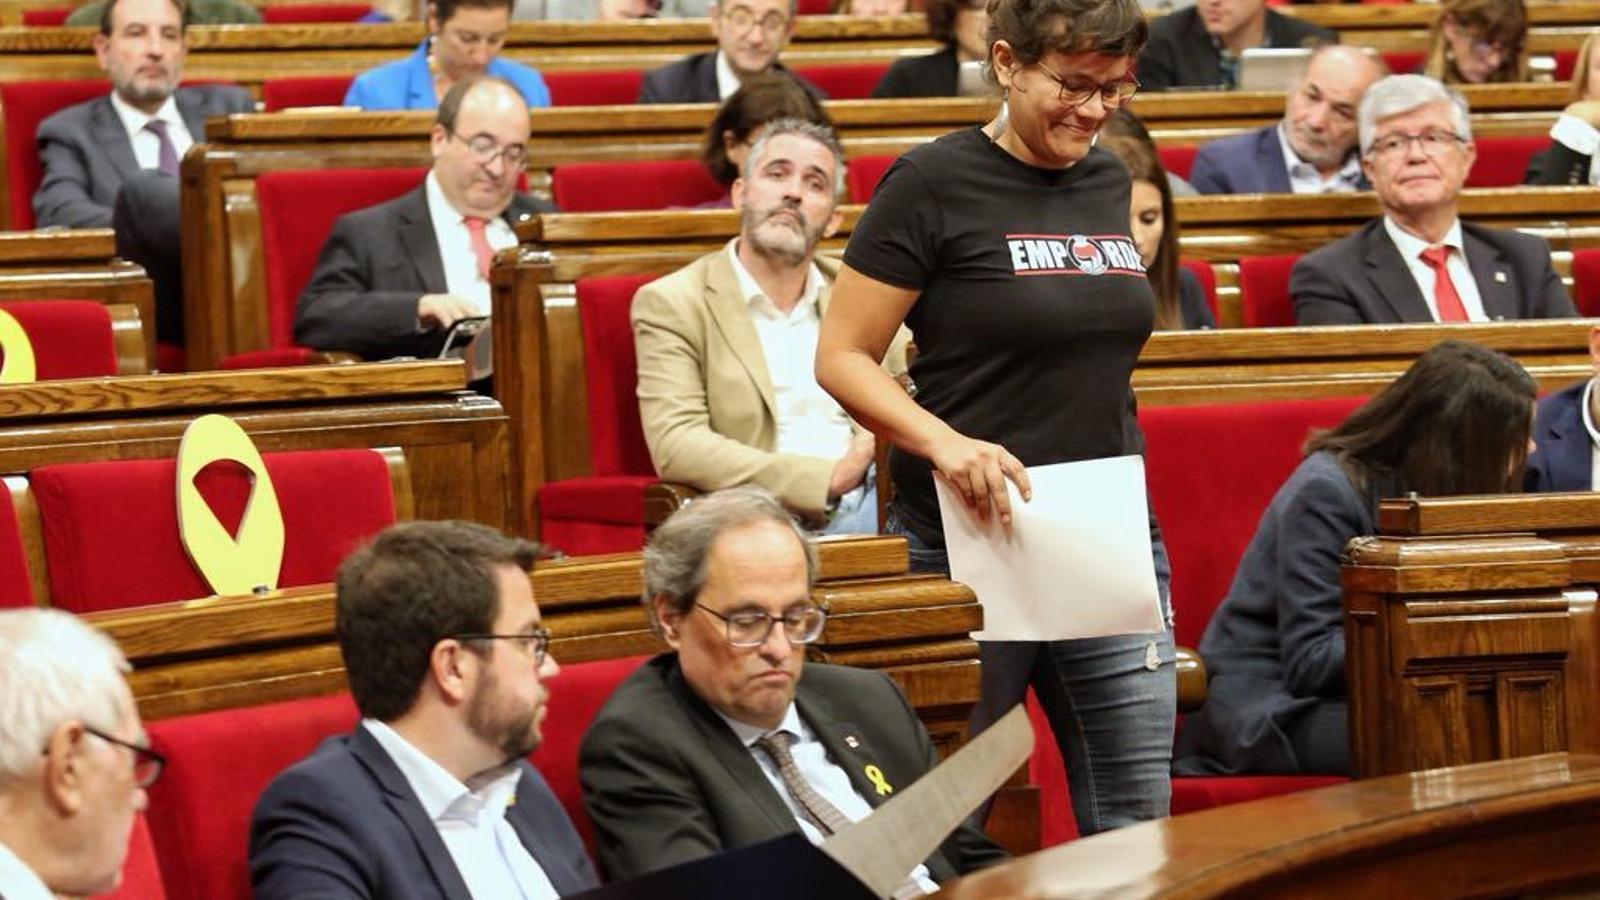 La diputada de la CUP Natàlia Sànchez, durant el debat de política general al Parlament